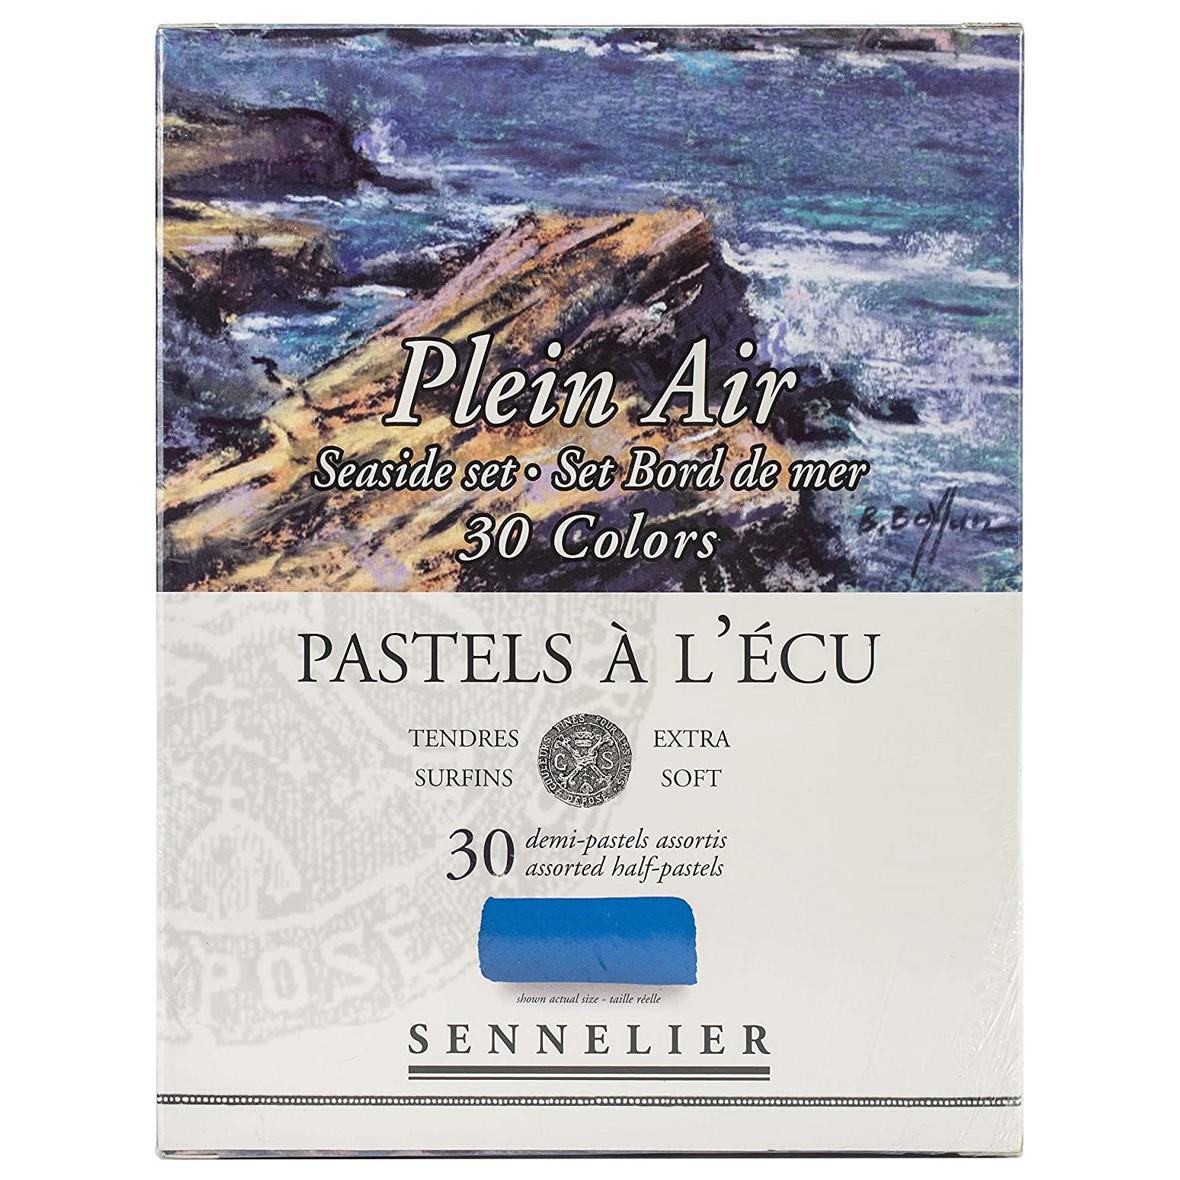 Sennelier 'Seaside' Extra Soft Half Pastels set of 30